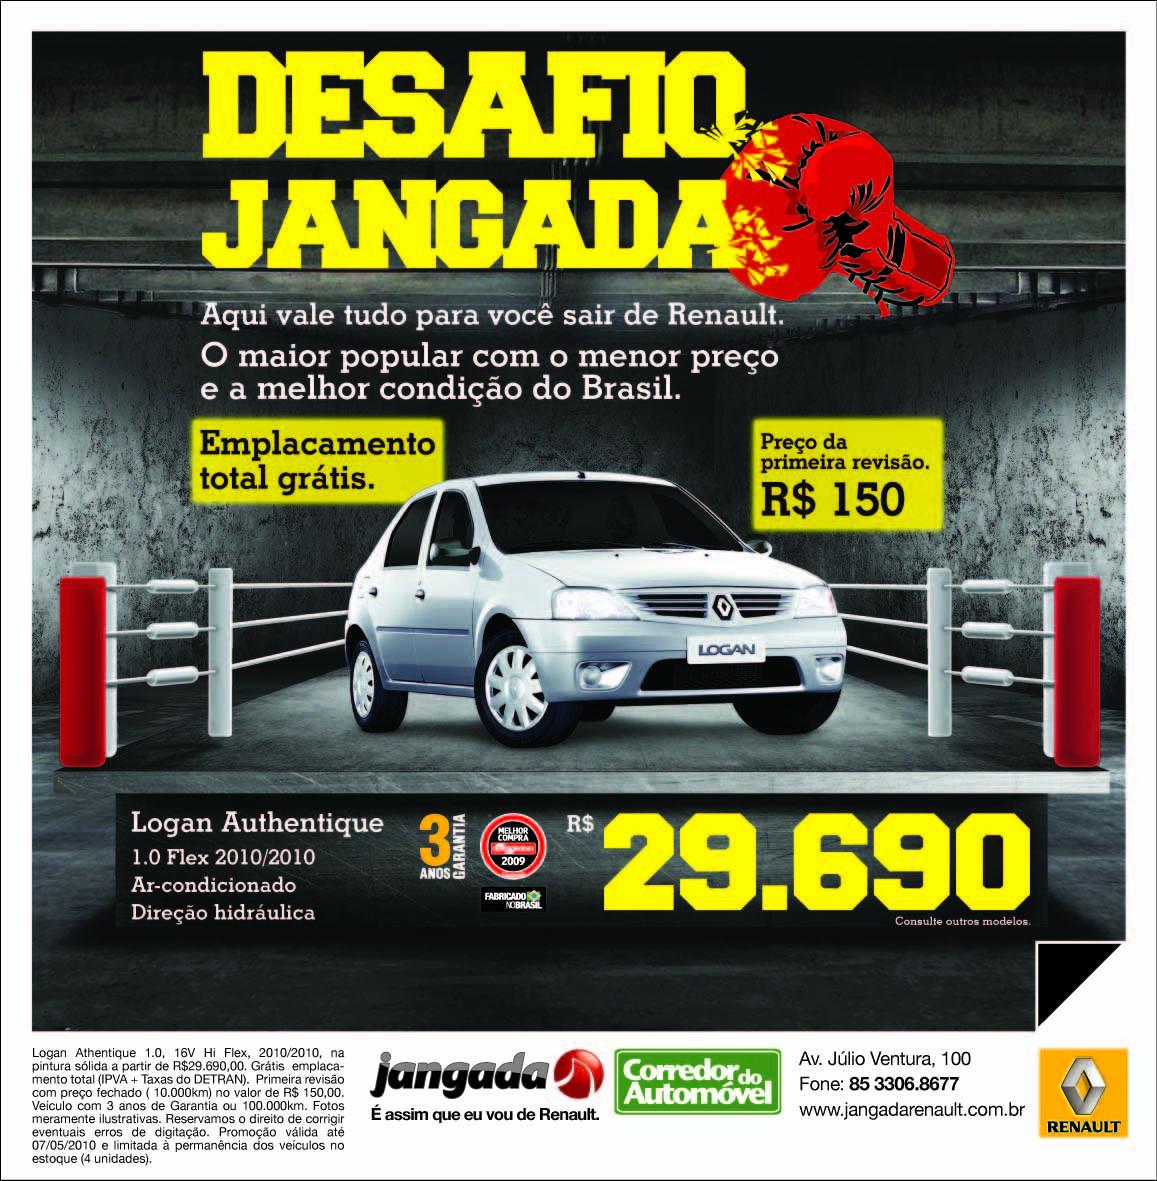 Flex cria para Jangada Renault